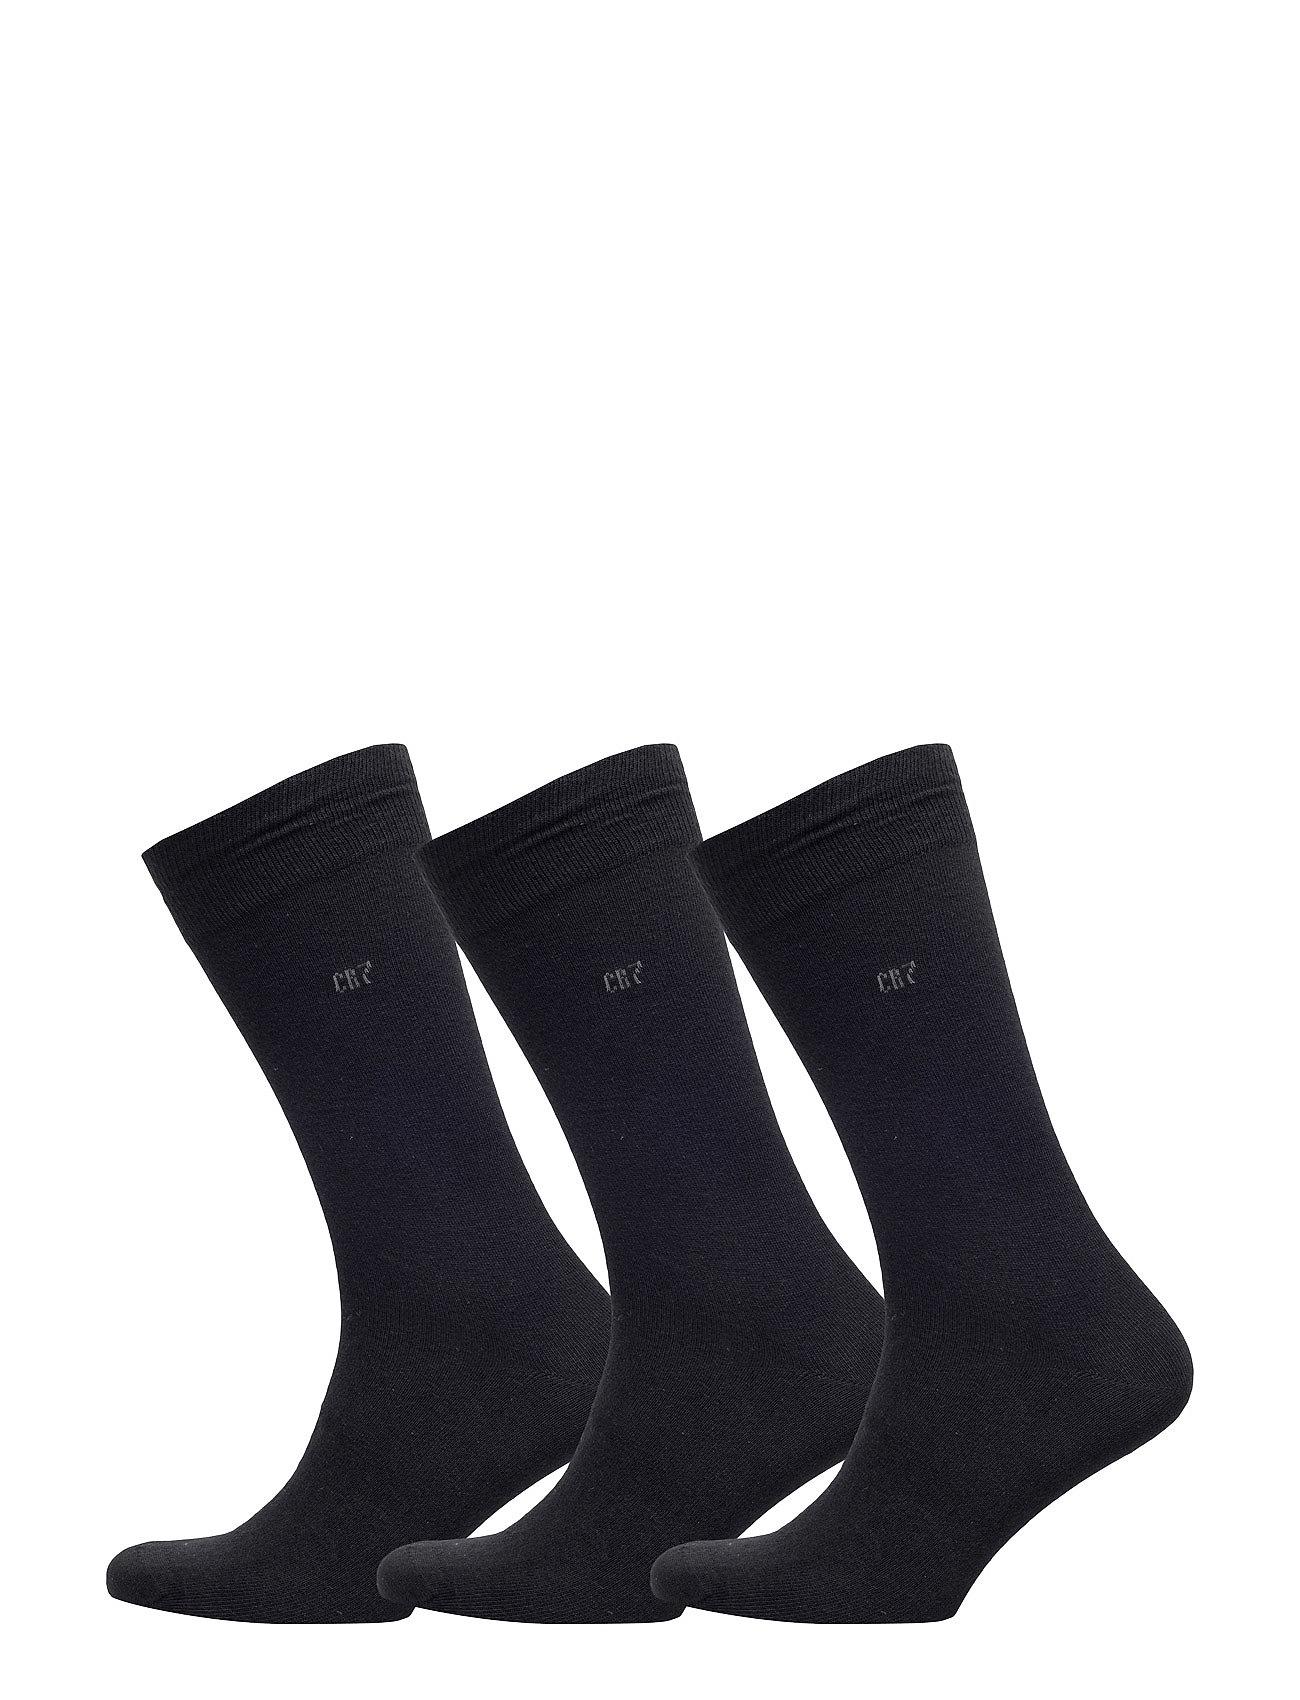 CR7 CR7 socks 3-pack - BLACK